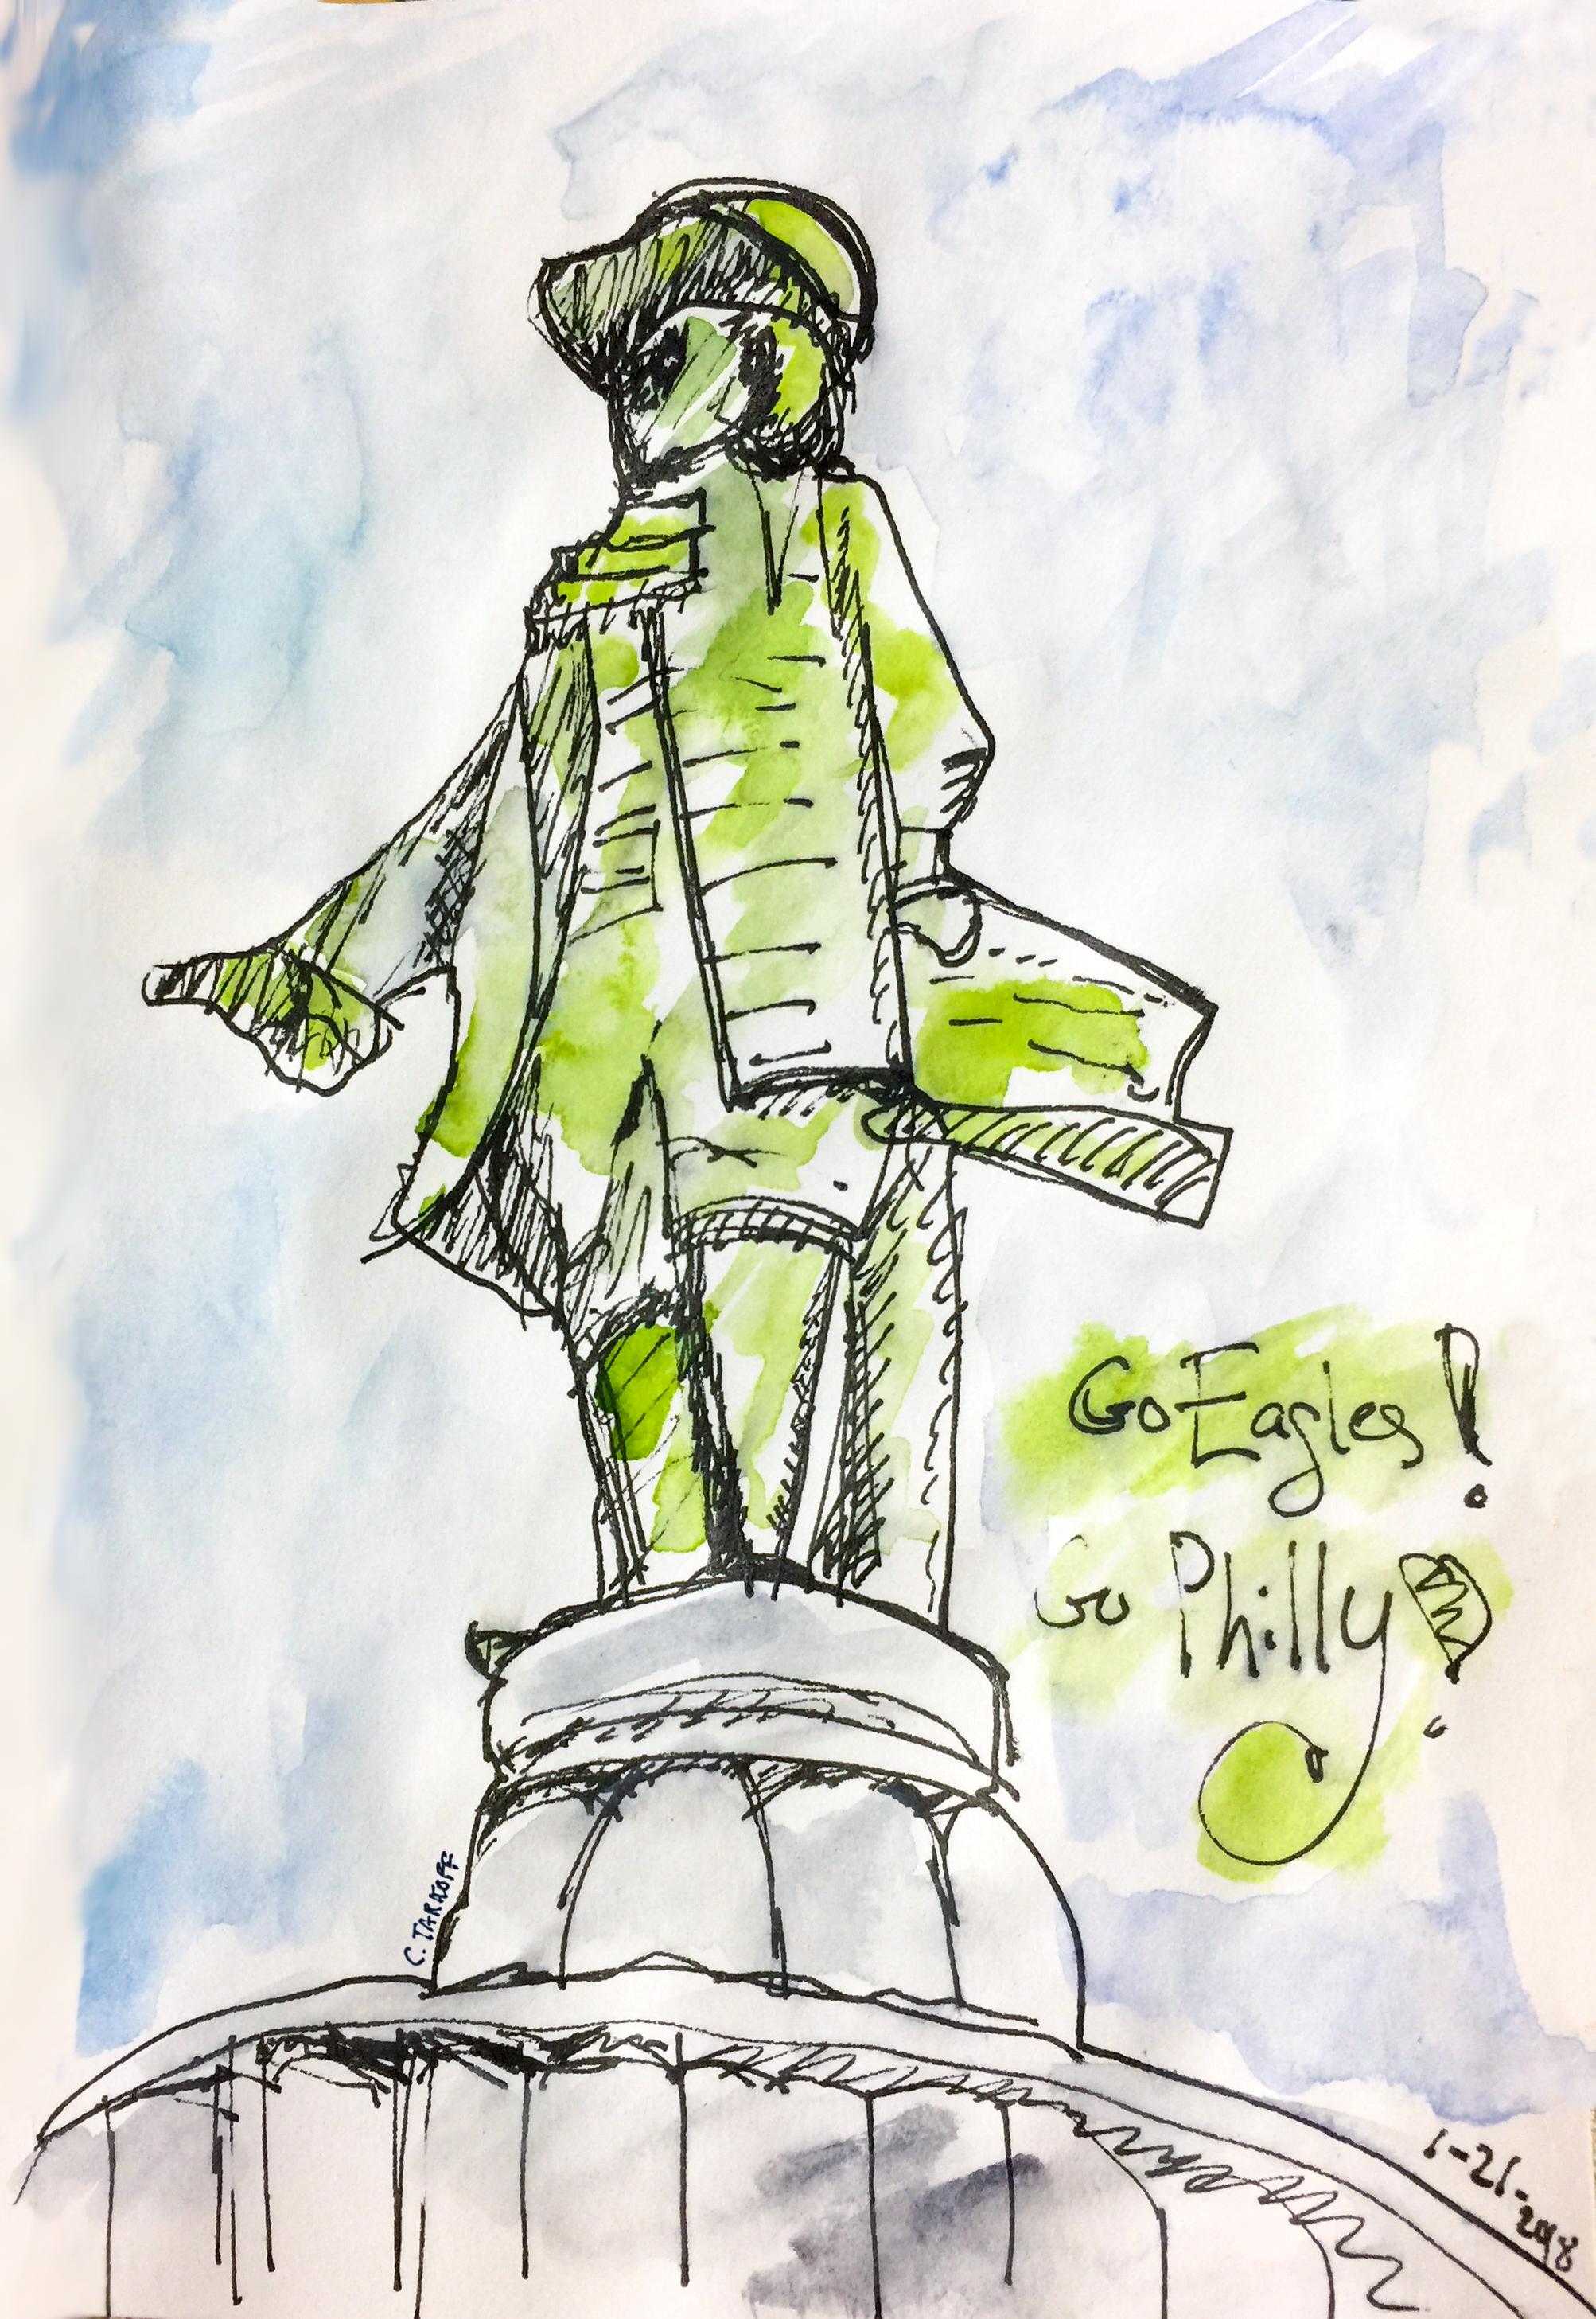 Billy Penn - Go Eagles!